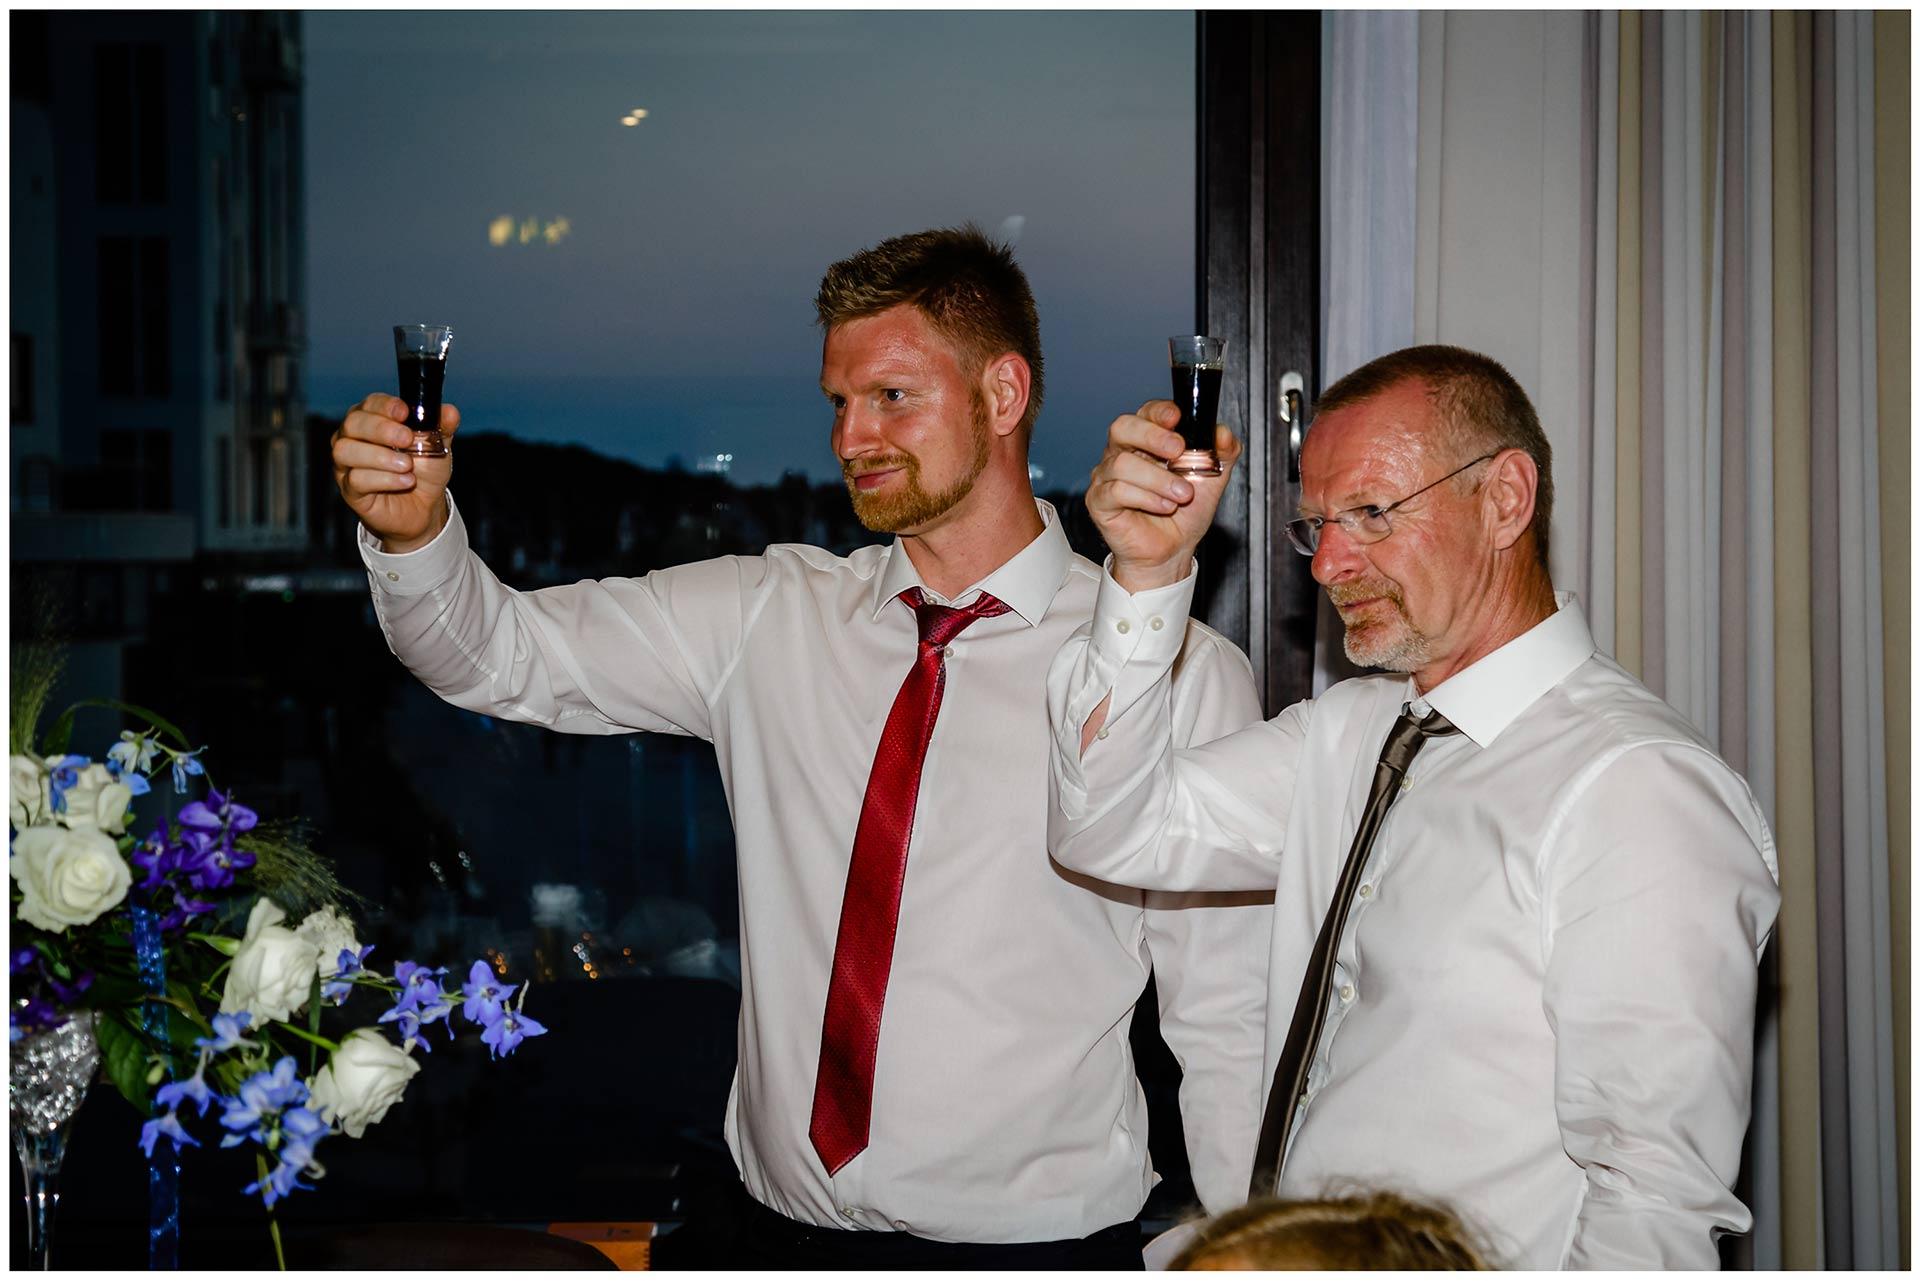 zwei-Maenner-erheben-ihr-Glas-Hochzeit-im-Hotel-Neptun-Hochzeitsfotograf-Warnemuende-Hochzeitsfotograf-Rostock-Hochzeitsfotograf-Ostseebad-Warnemuende